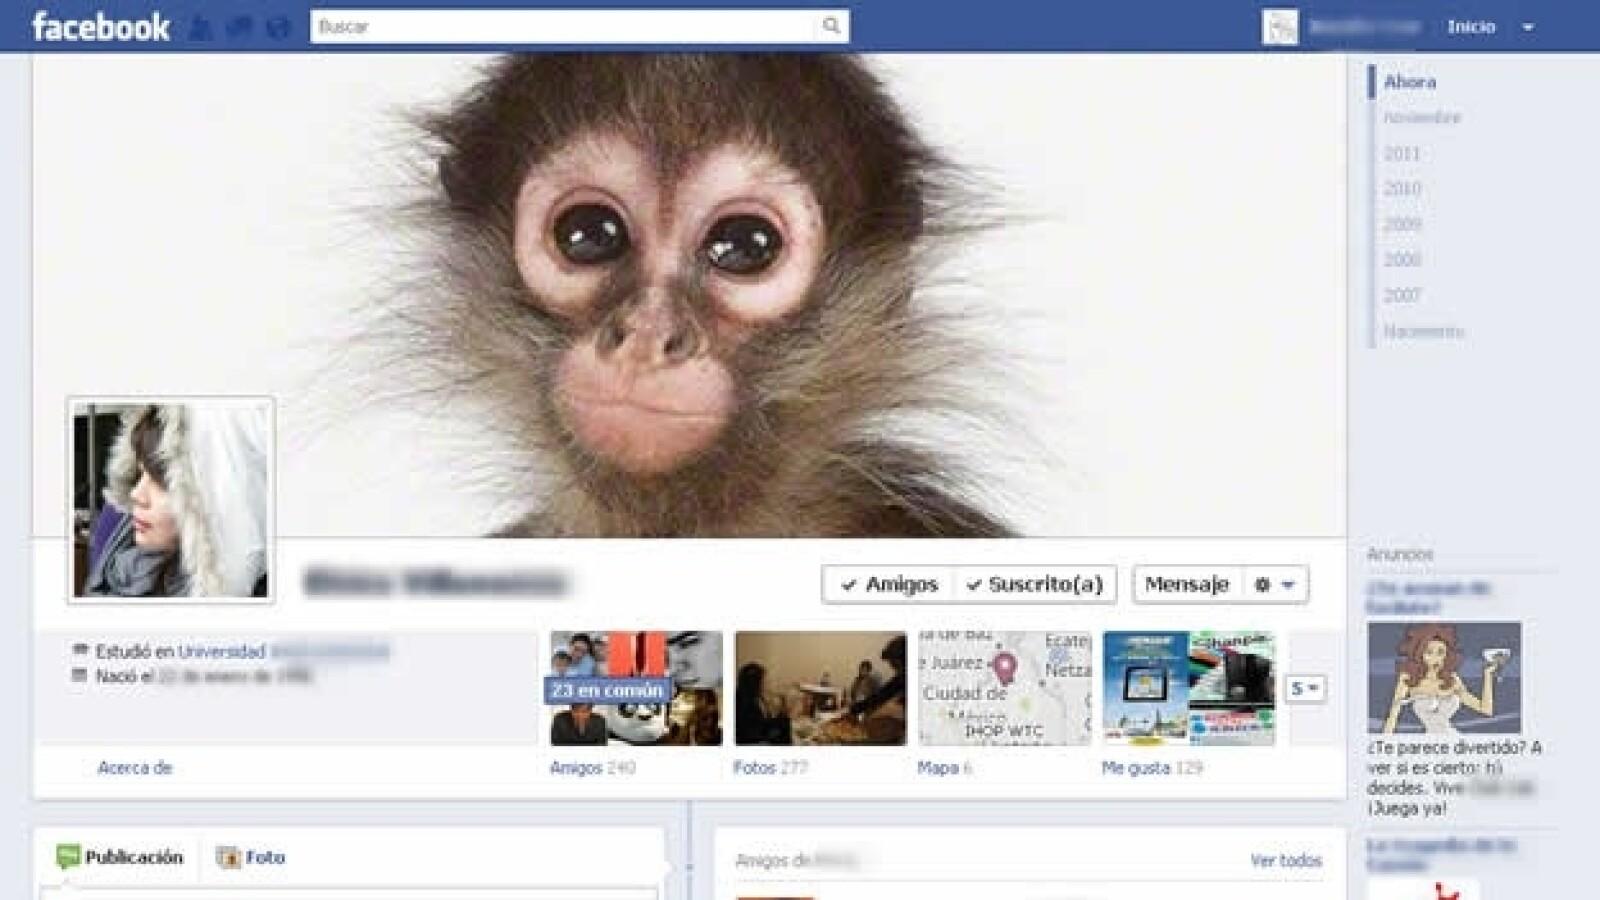 nuevo perfil facebook portada